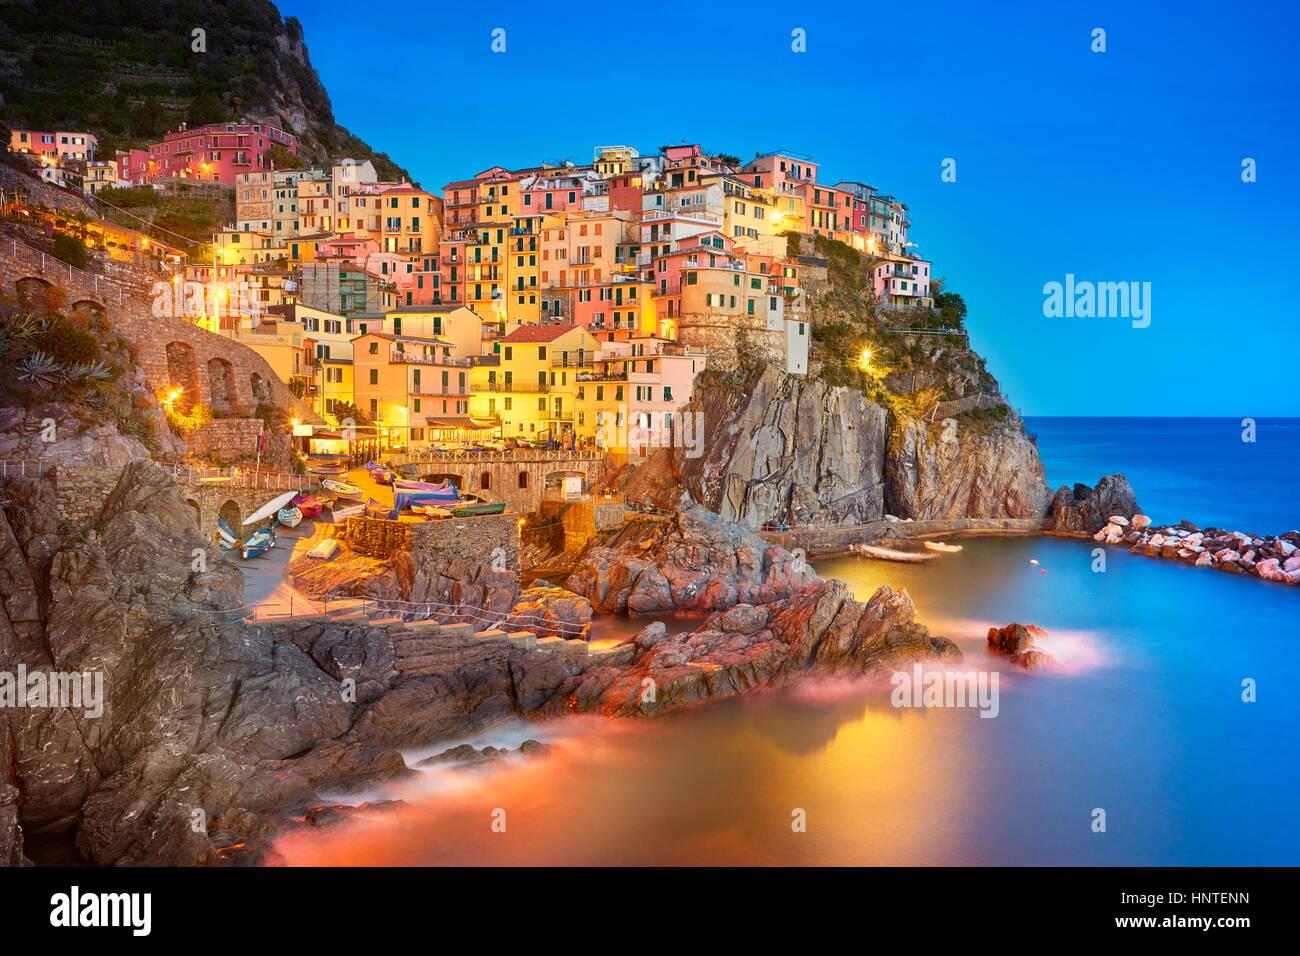 Manarola au crépuscule du soir, Cinque Terre, ligurie, italie Photo Stock